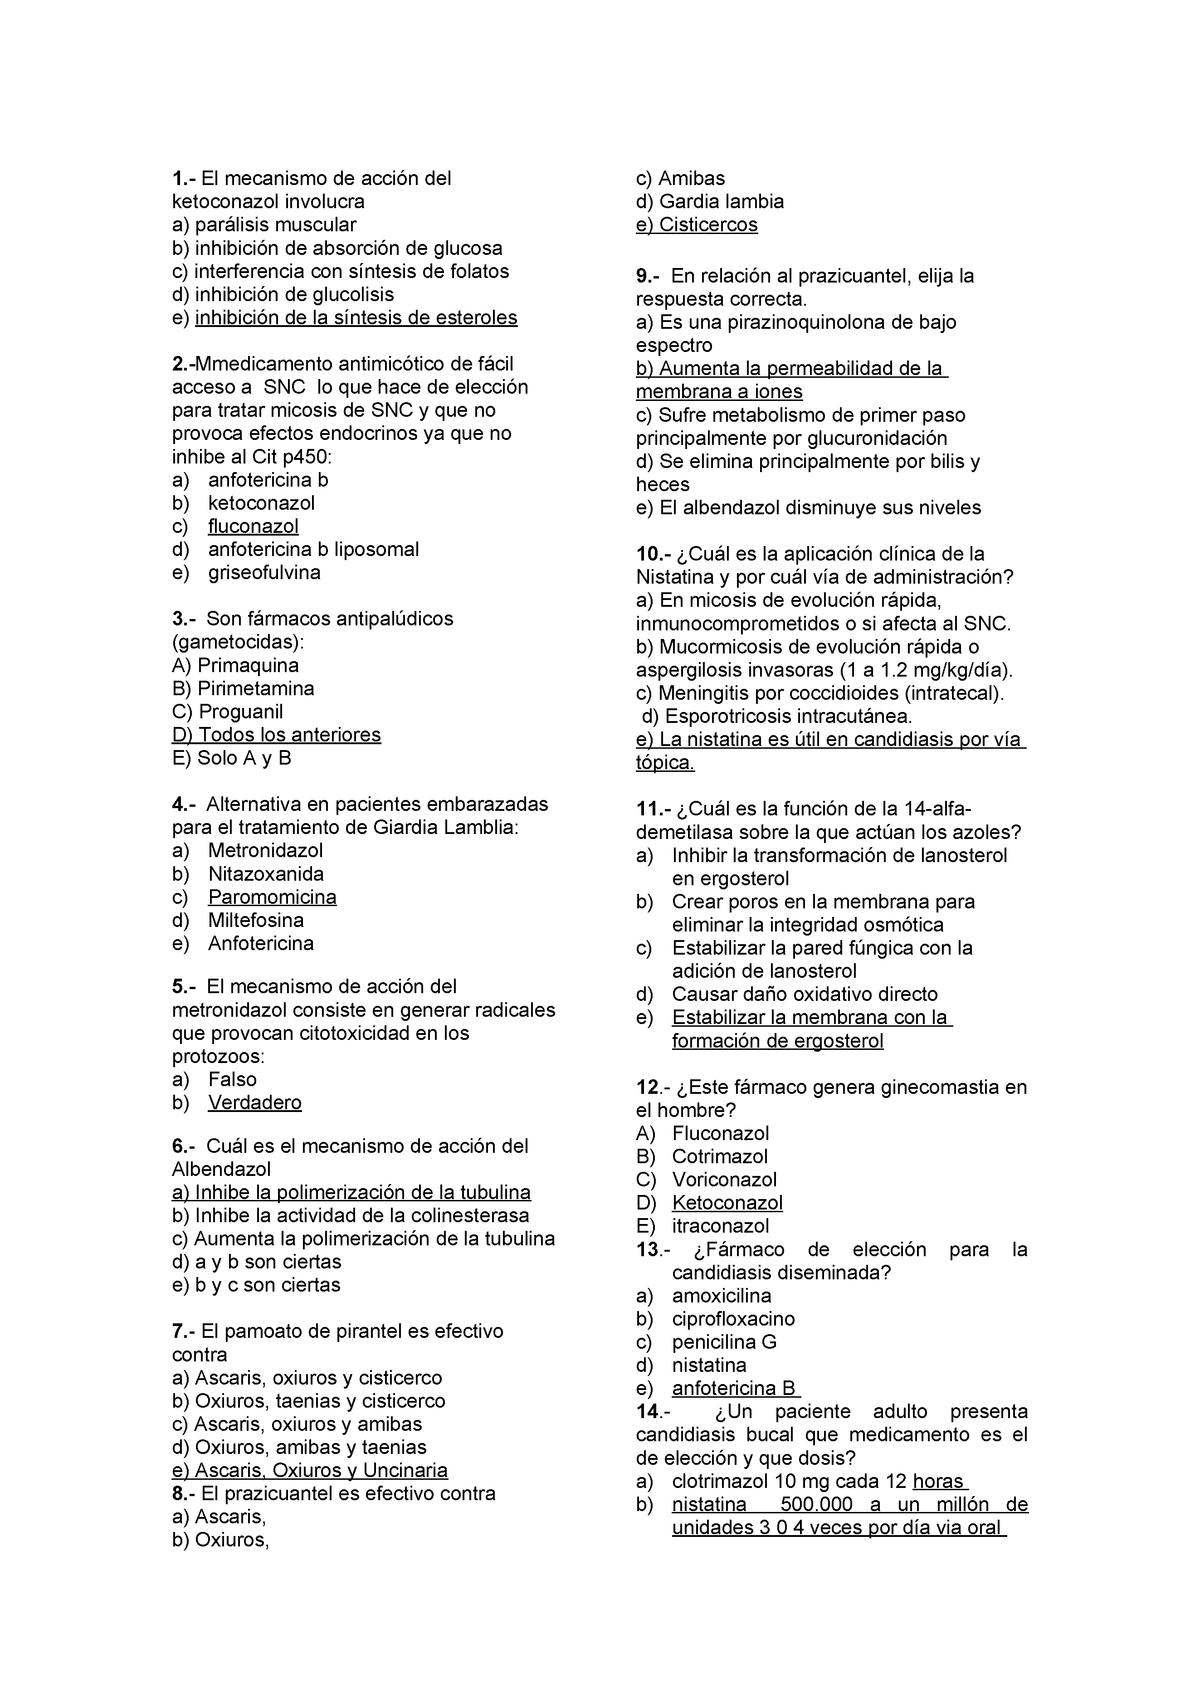 Nitazoxanida elimina oxiuros - topvacanta.ro Nitazoxanida para oxiuros